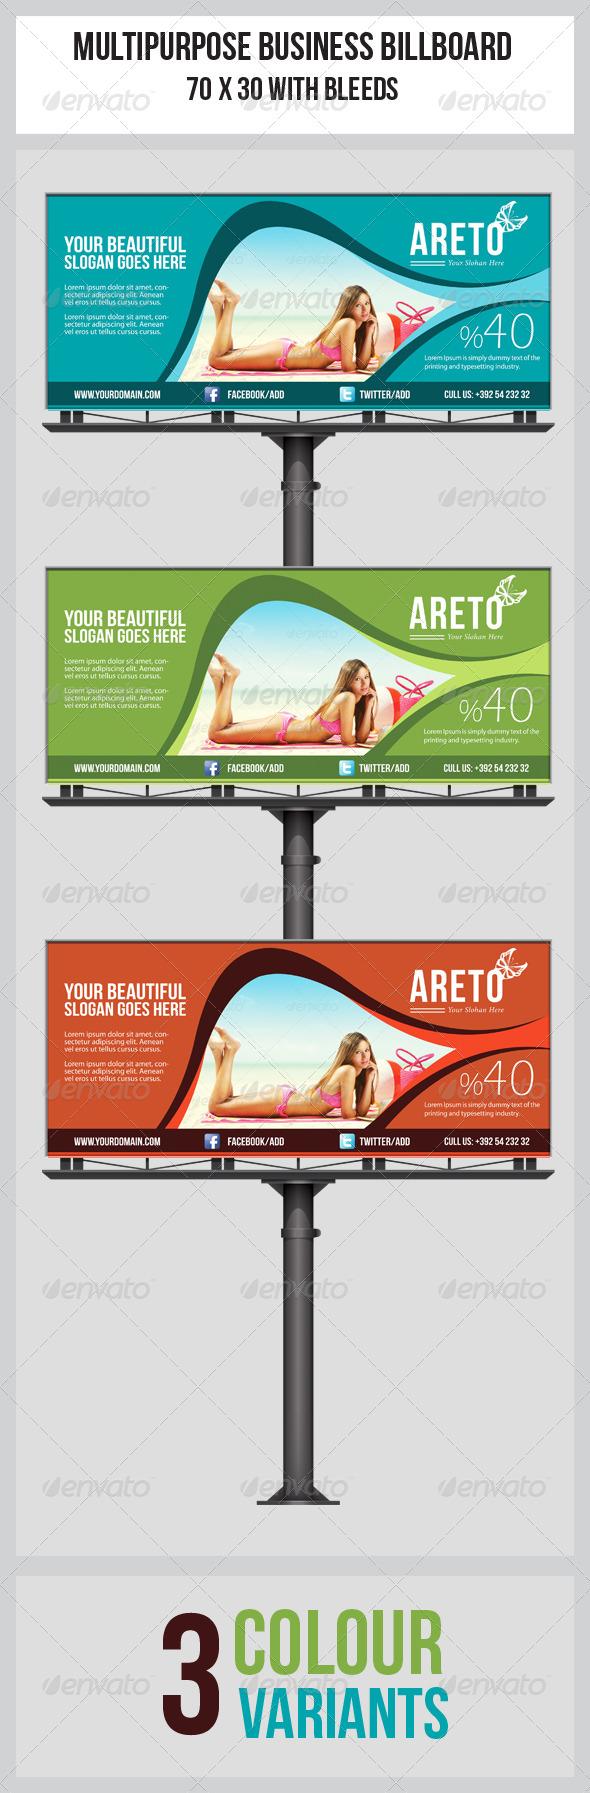 GraphicRiver Multipurpose Business Billboard Template 5417105